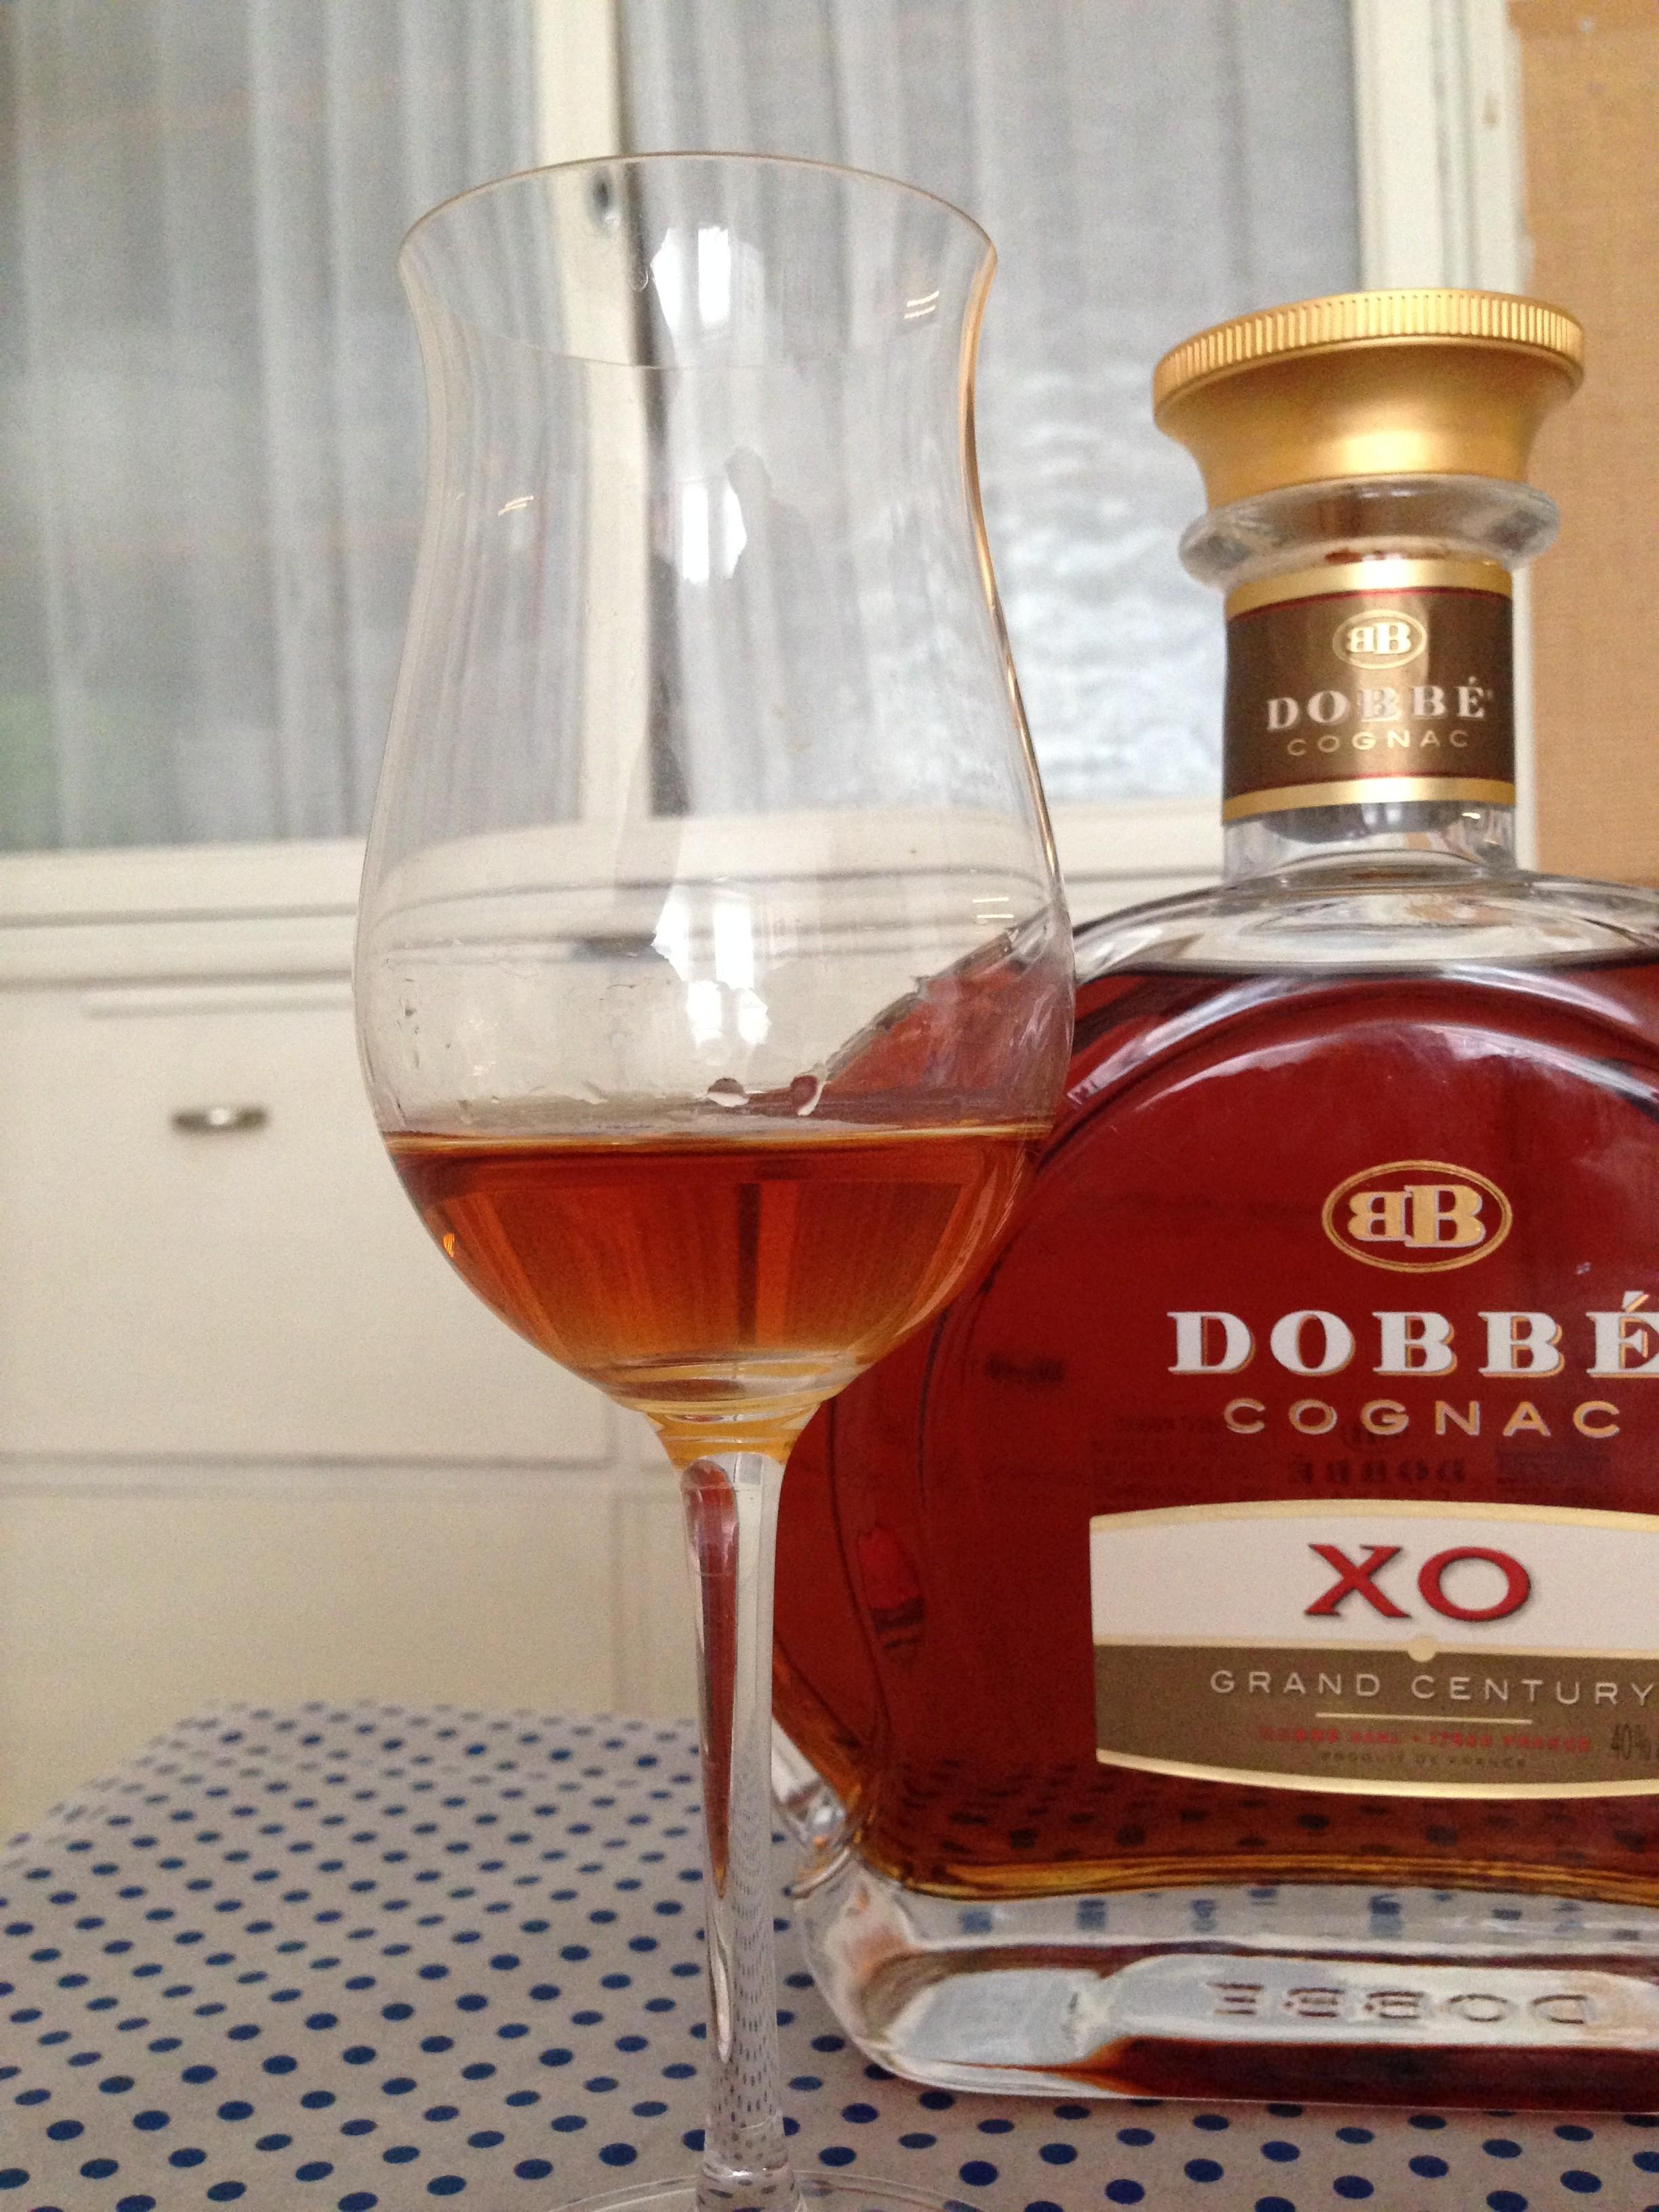 Dobbe XO Grand Century